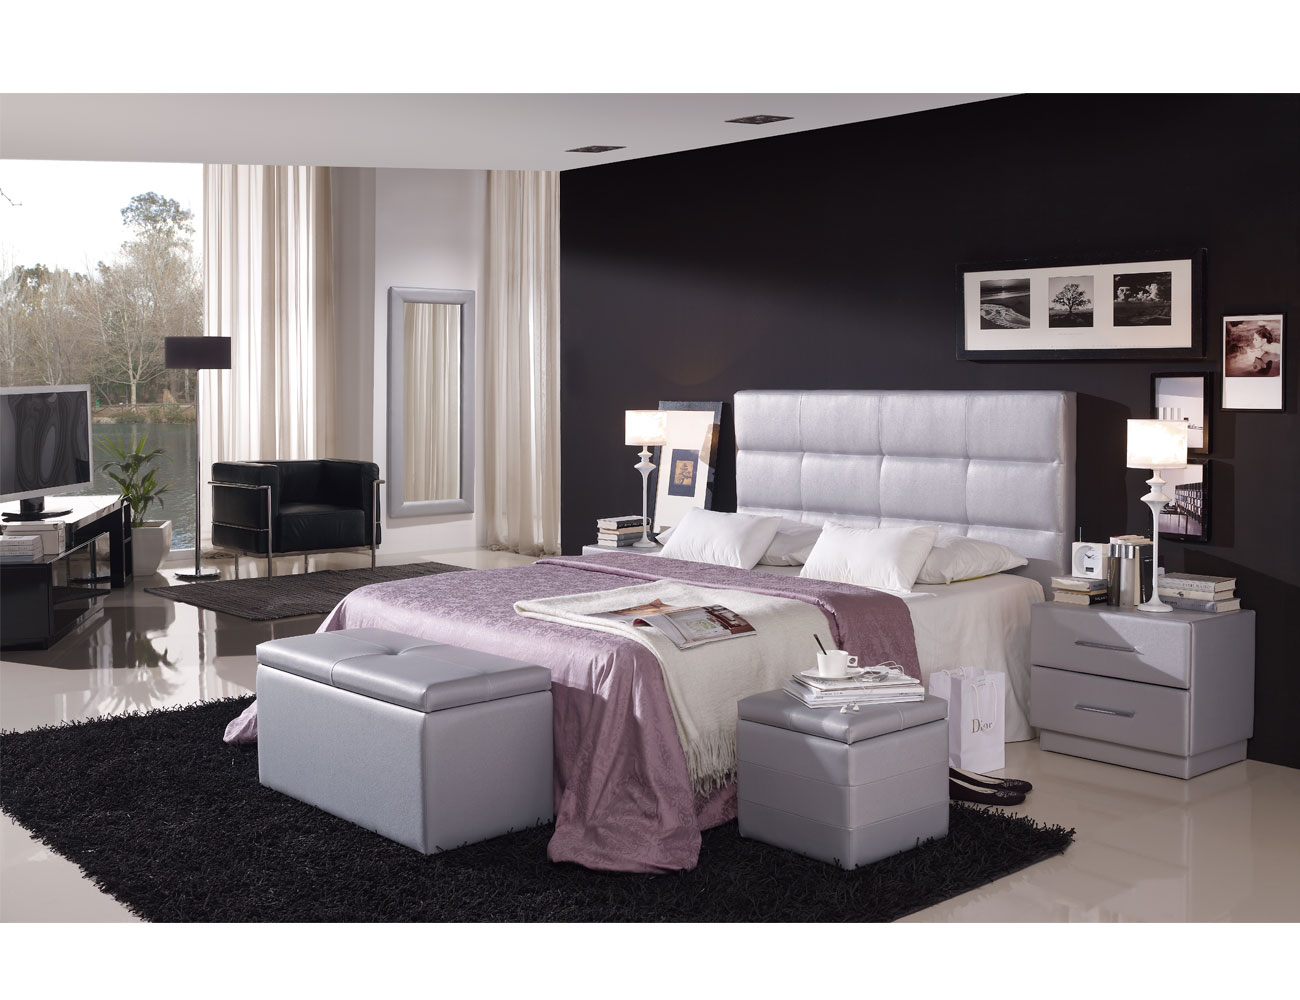 23 marco tapizado dormitorio921